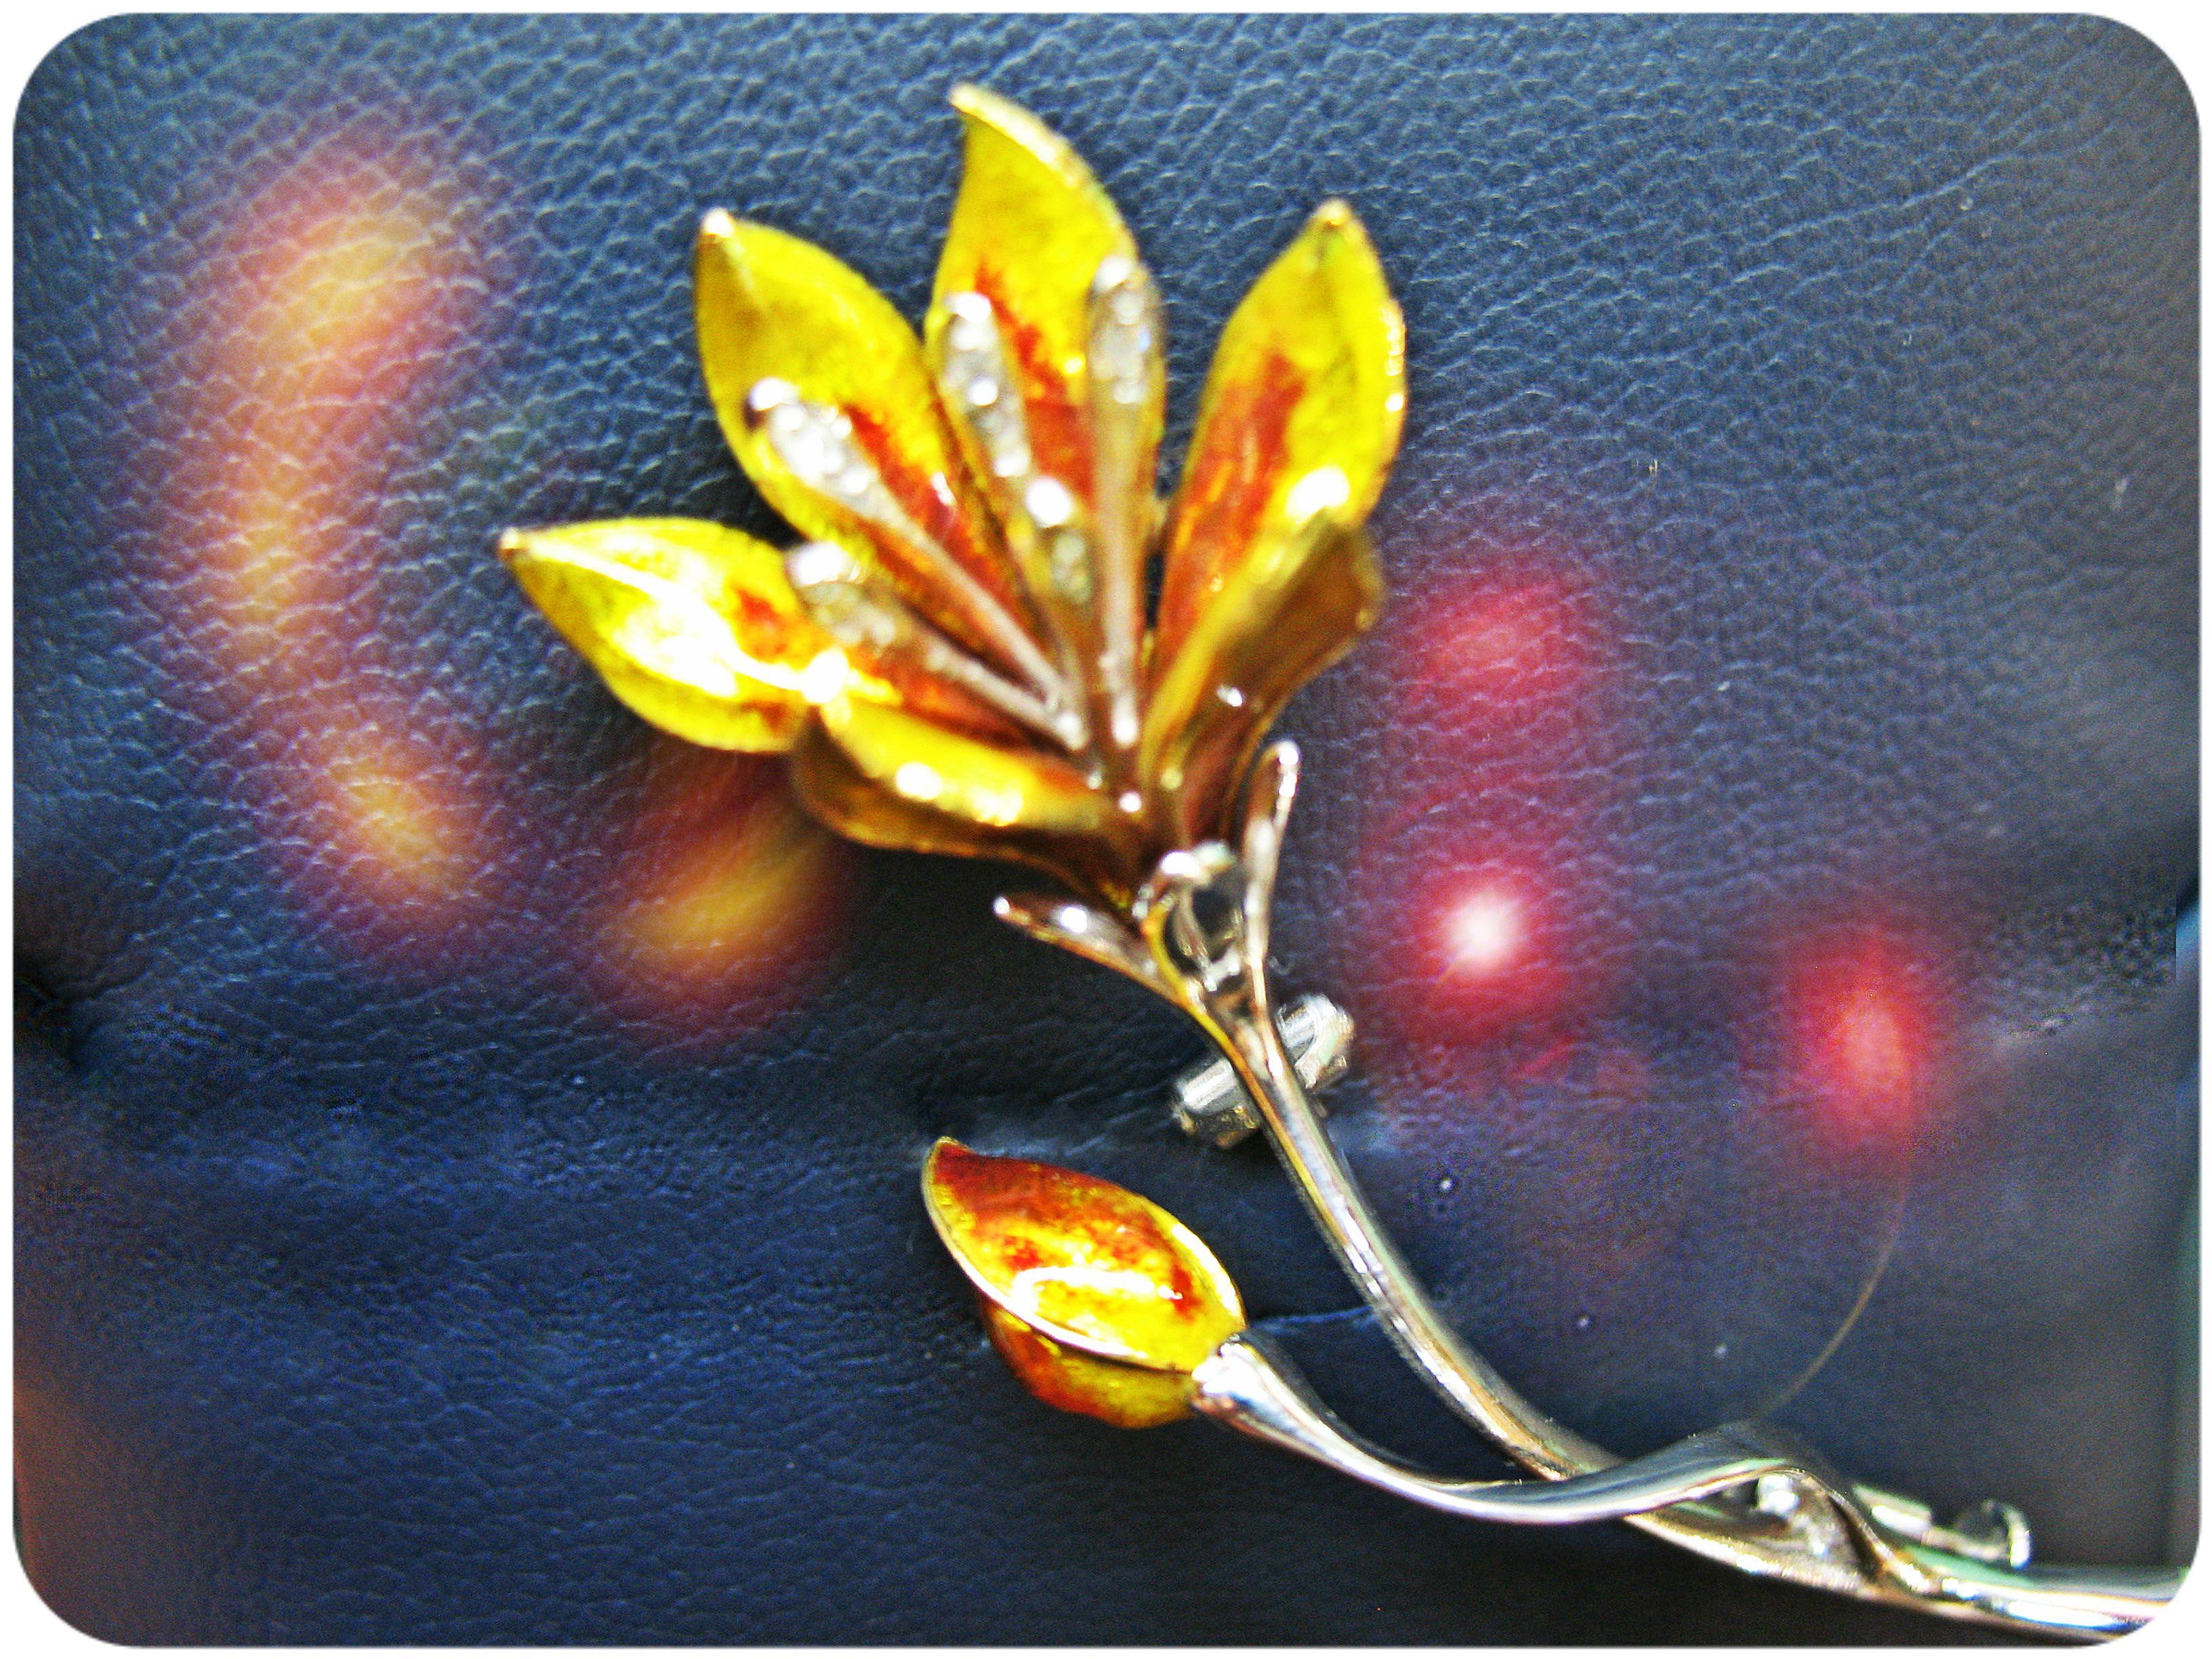 Spilla in Oro bianco decorata con Smalto a Fuoco.